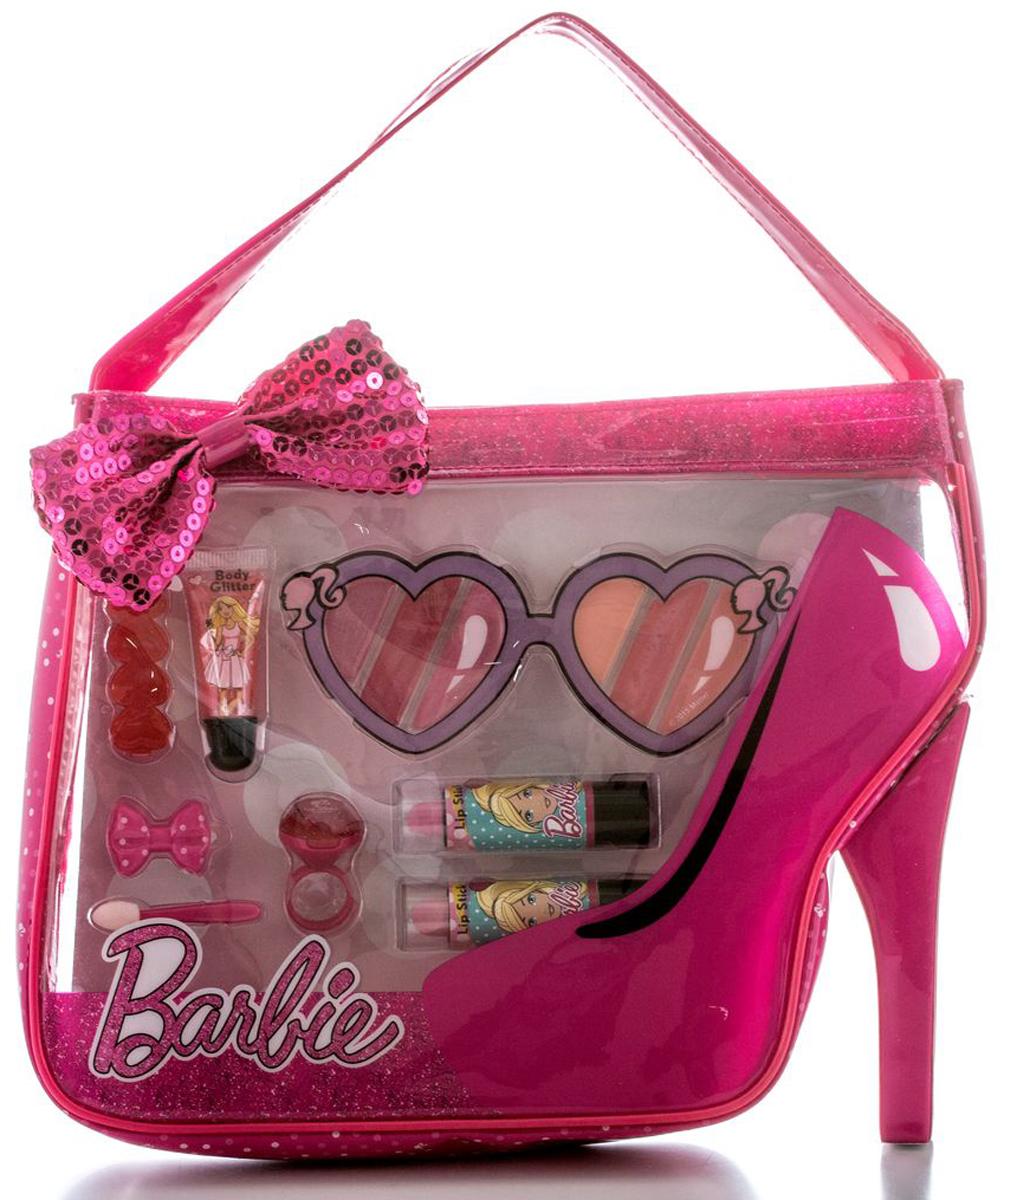 Markwins Игровой набор детской декоративной косметики Barbie в сумочке9600951Косметика на водной основе легко наносится и смывается, она совершеннобезопасна для детской кожи.Детская косметика Markwins создана с соблюдением самых высокихевропейских стандартов безопасности.Продукция не содержит парабенов, метилизотиазолинона, пальмового масла.Предназначена для детей от 7 лет.В комплекте: блеск для губ в тубе, губные помады в футлярах 2 шт, блеск для губ в колечке, палитра блесков для губ из 6 оттенков, заколочки для волос2 шт, аппликатор, сумочка. Несмотря на высокое качество продукции и ее общую гипоаллергенность,производитель рекомендует проверить индивидуальную реакцию на косметикуперед ее использованием. Просто нанесите на кожу немного косметики иподержите 30-60 минут. Если на коже появится покраснение, следуетпрекратить использование продукции. Эта аллергическая реакция проявляетсяочень редко и зависит от индивидуальных особенностей организма.